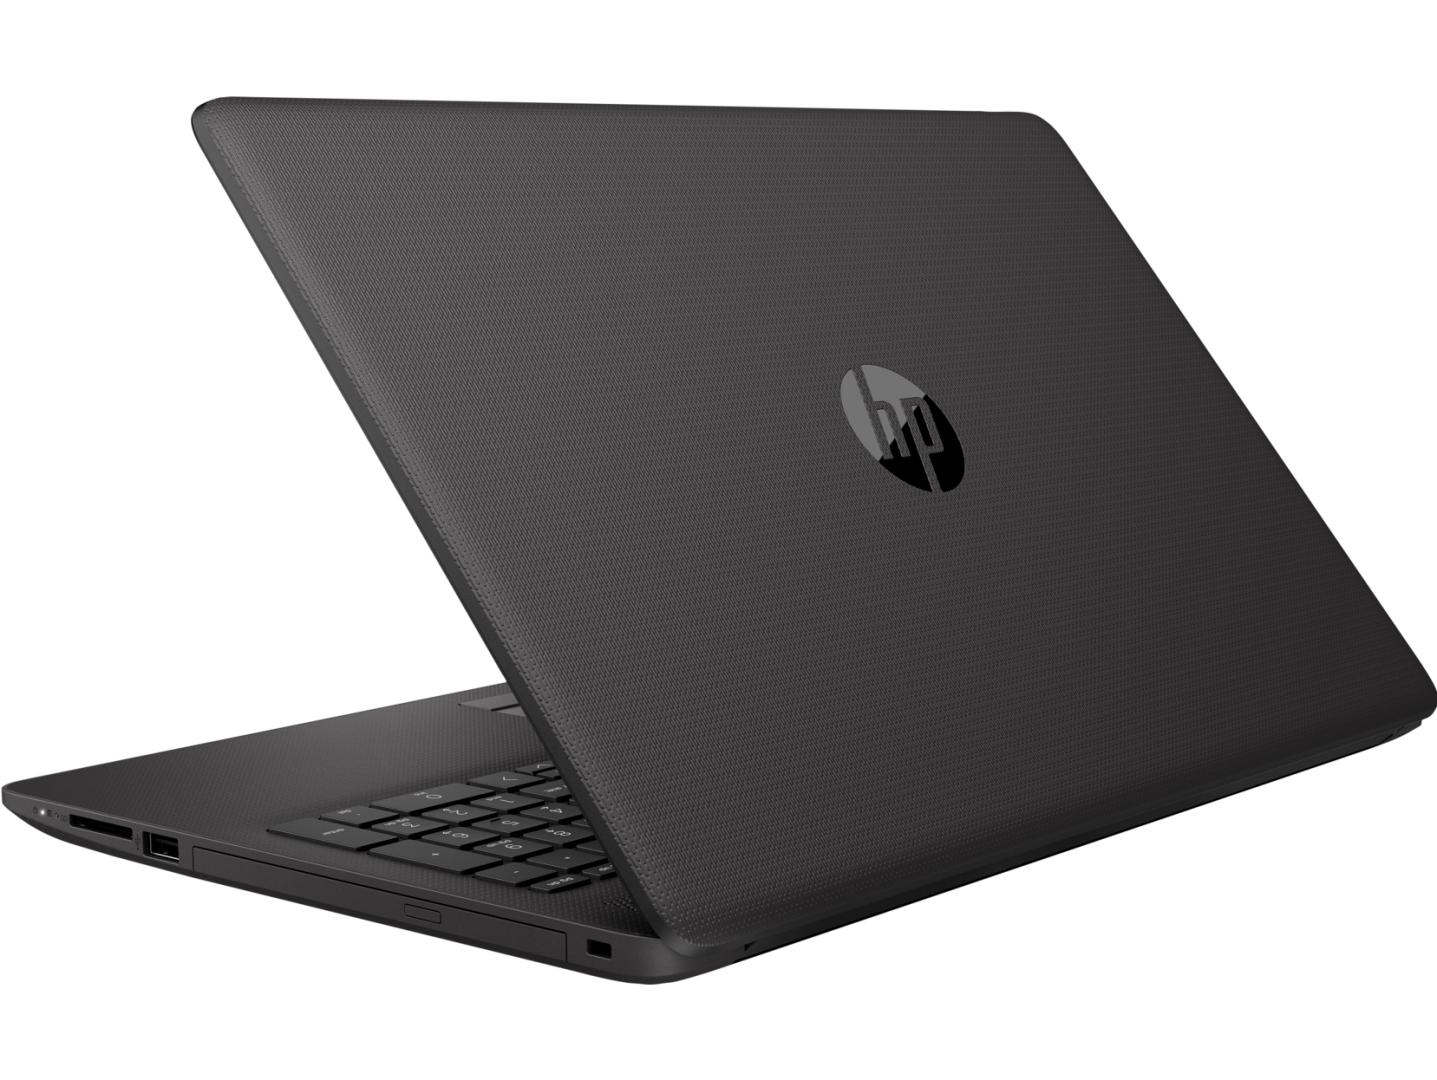 """NOTEBOOK HP 250G7 15.6"""" FHD i5-1035G1 8GB 256GB UMA DOS - imaginea 4"""